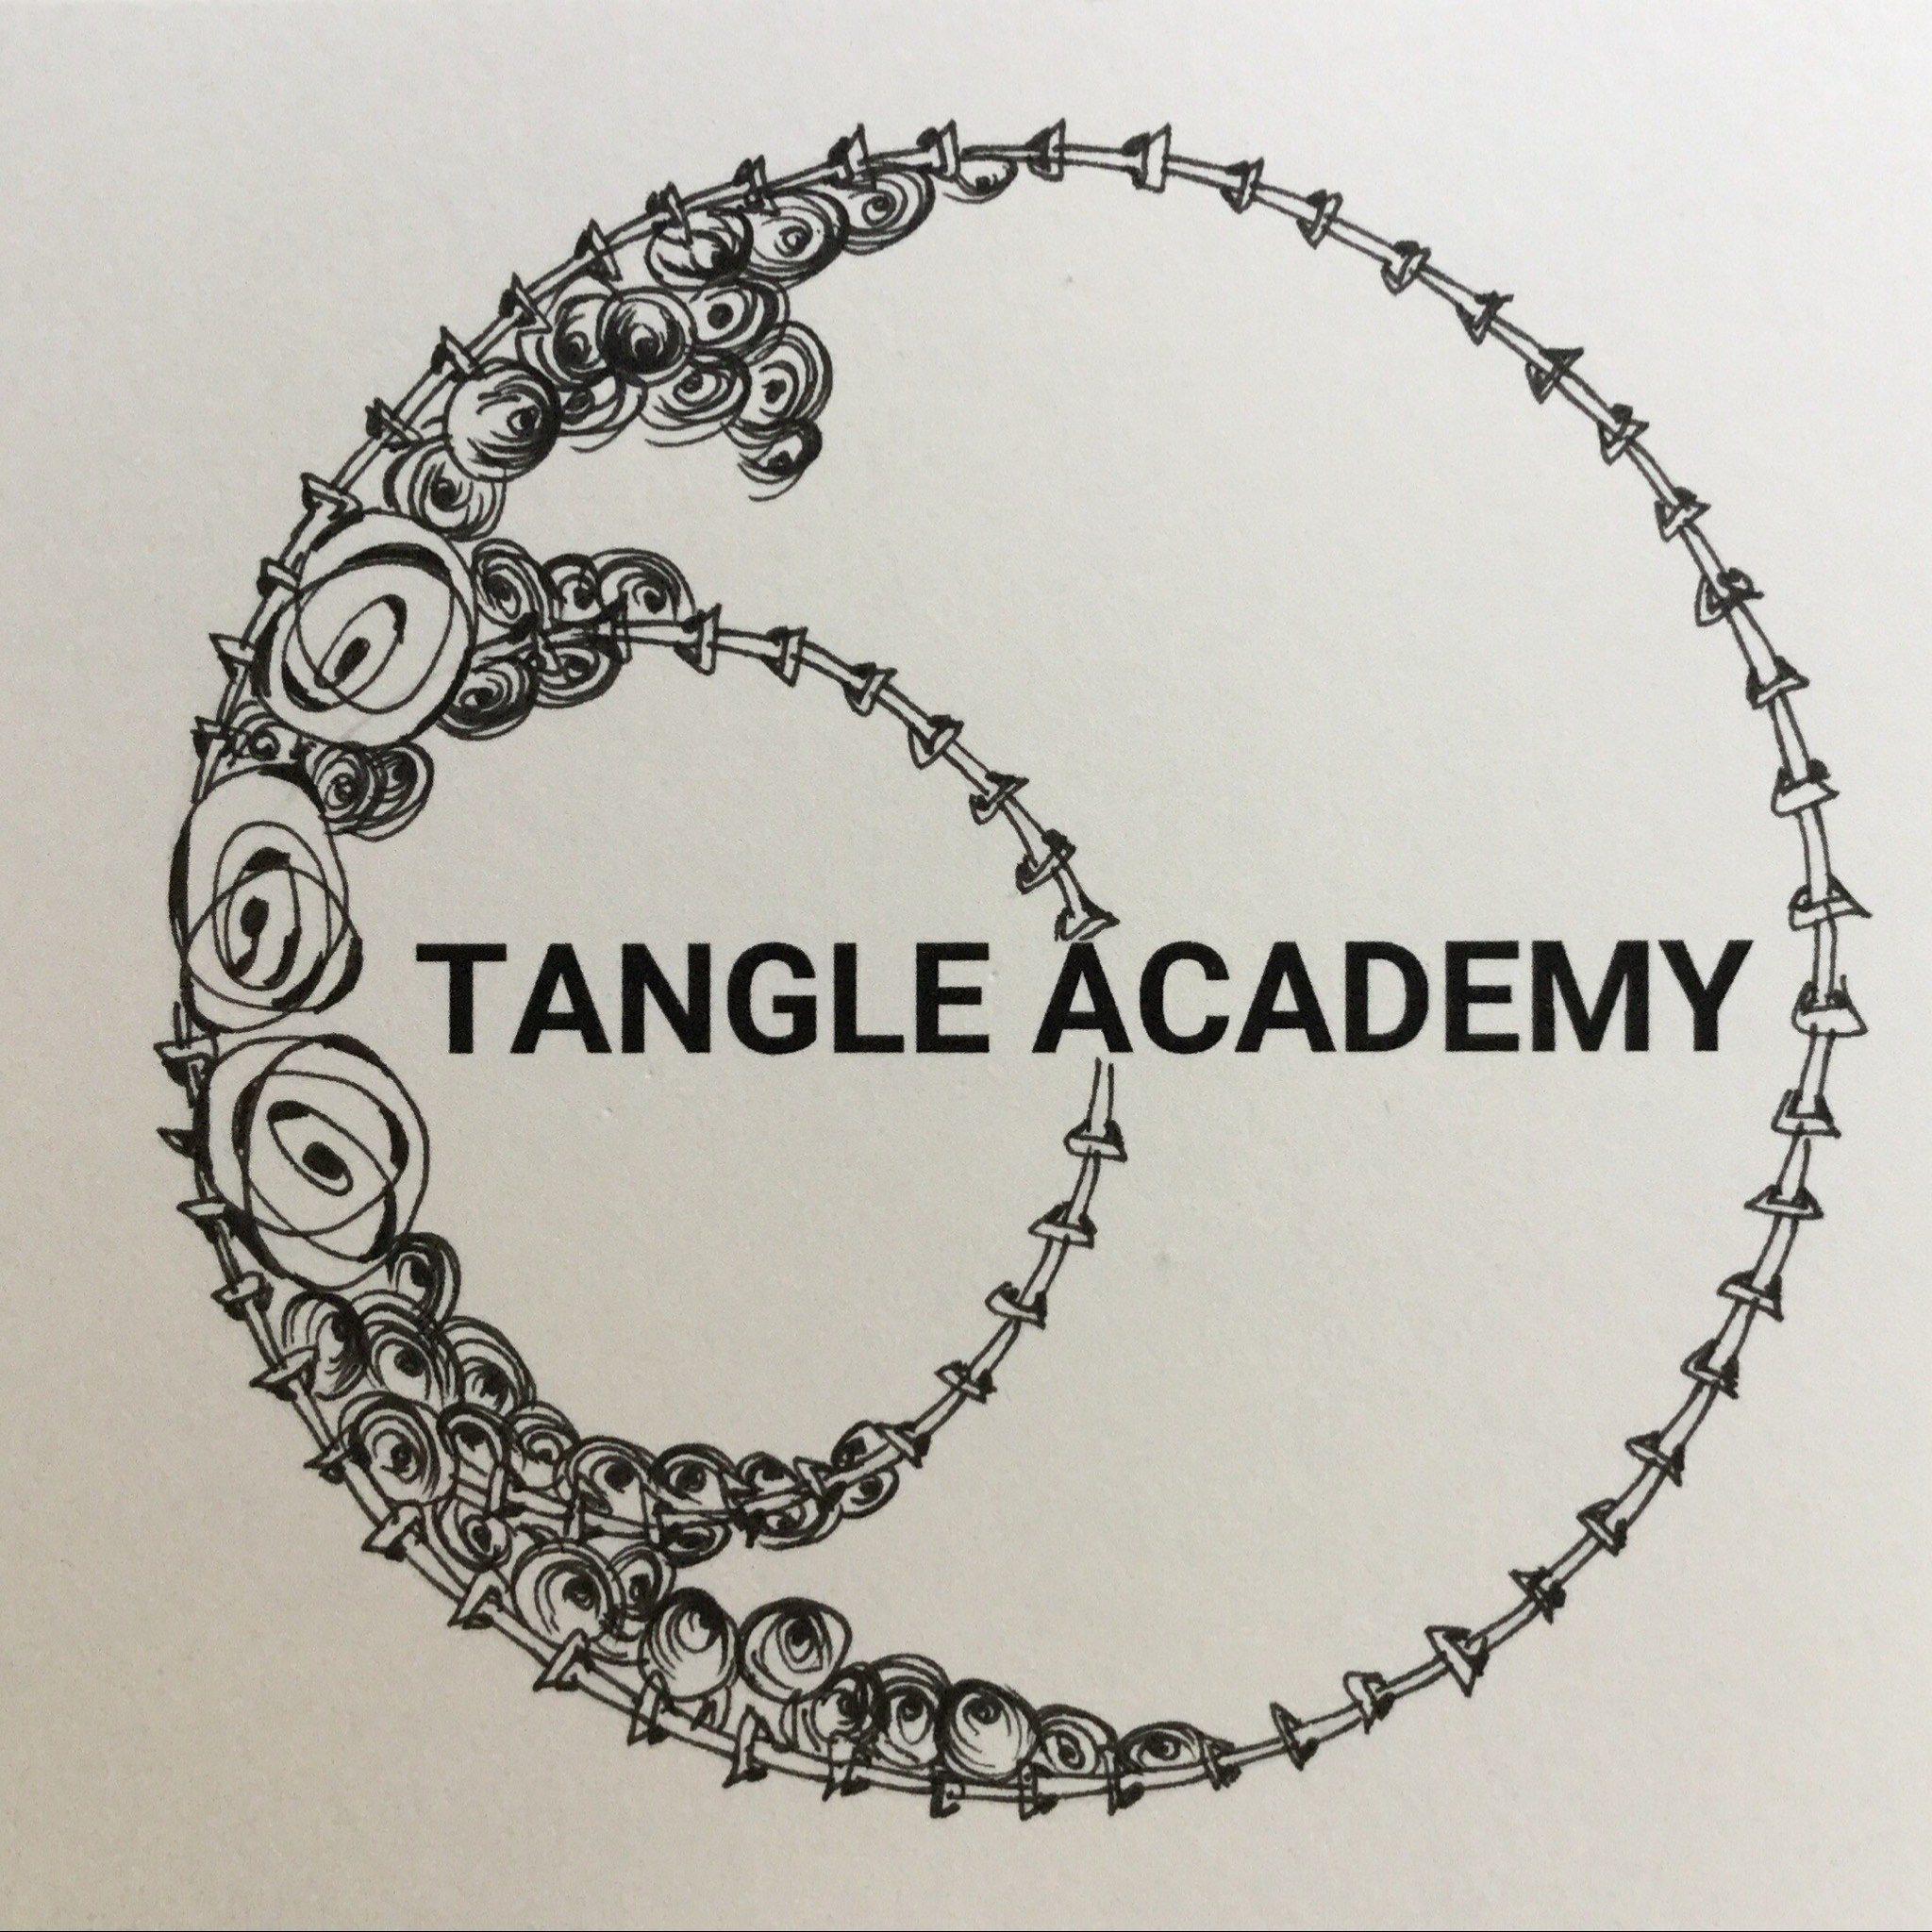 Tangle Academy